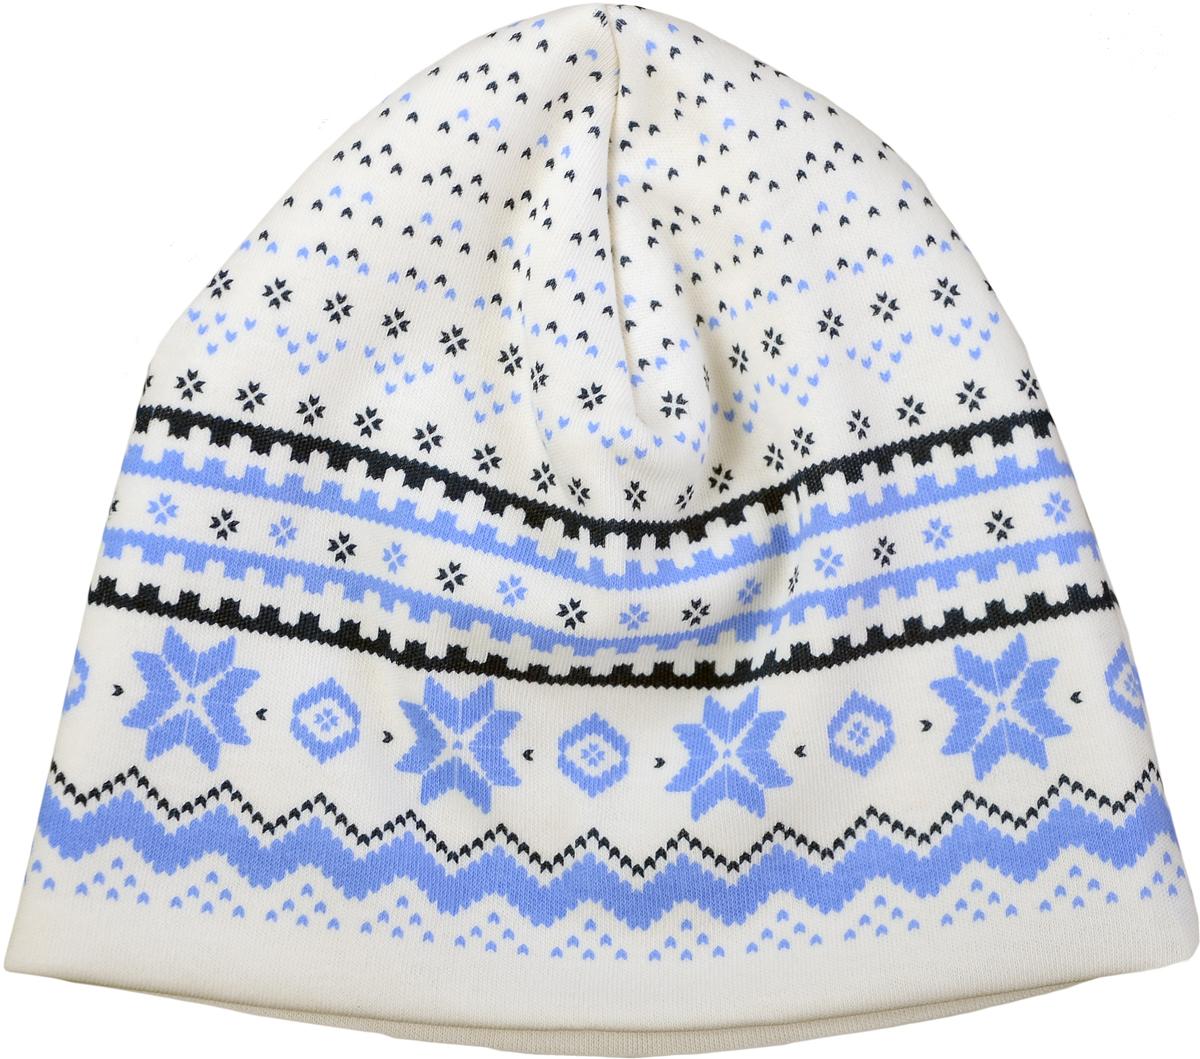 Шапка детская Мамуляндия Зимняя, цвет: молочный. 17-519. Размер 7417-519Детская шапка выполнена из натурального хлопка. Модель оформлена оригинальным принтом.